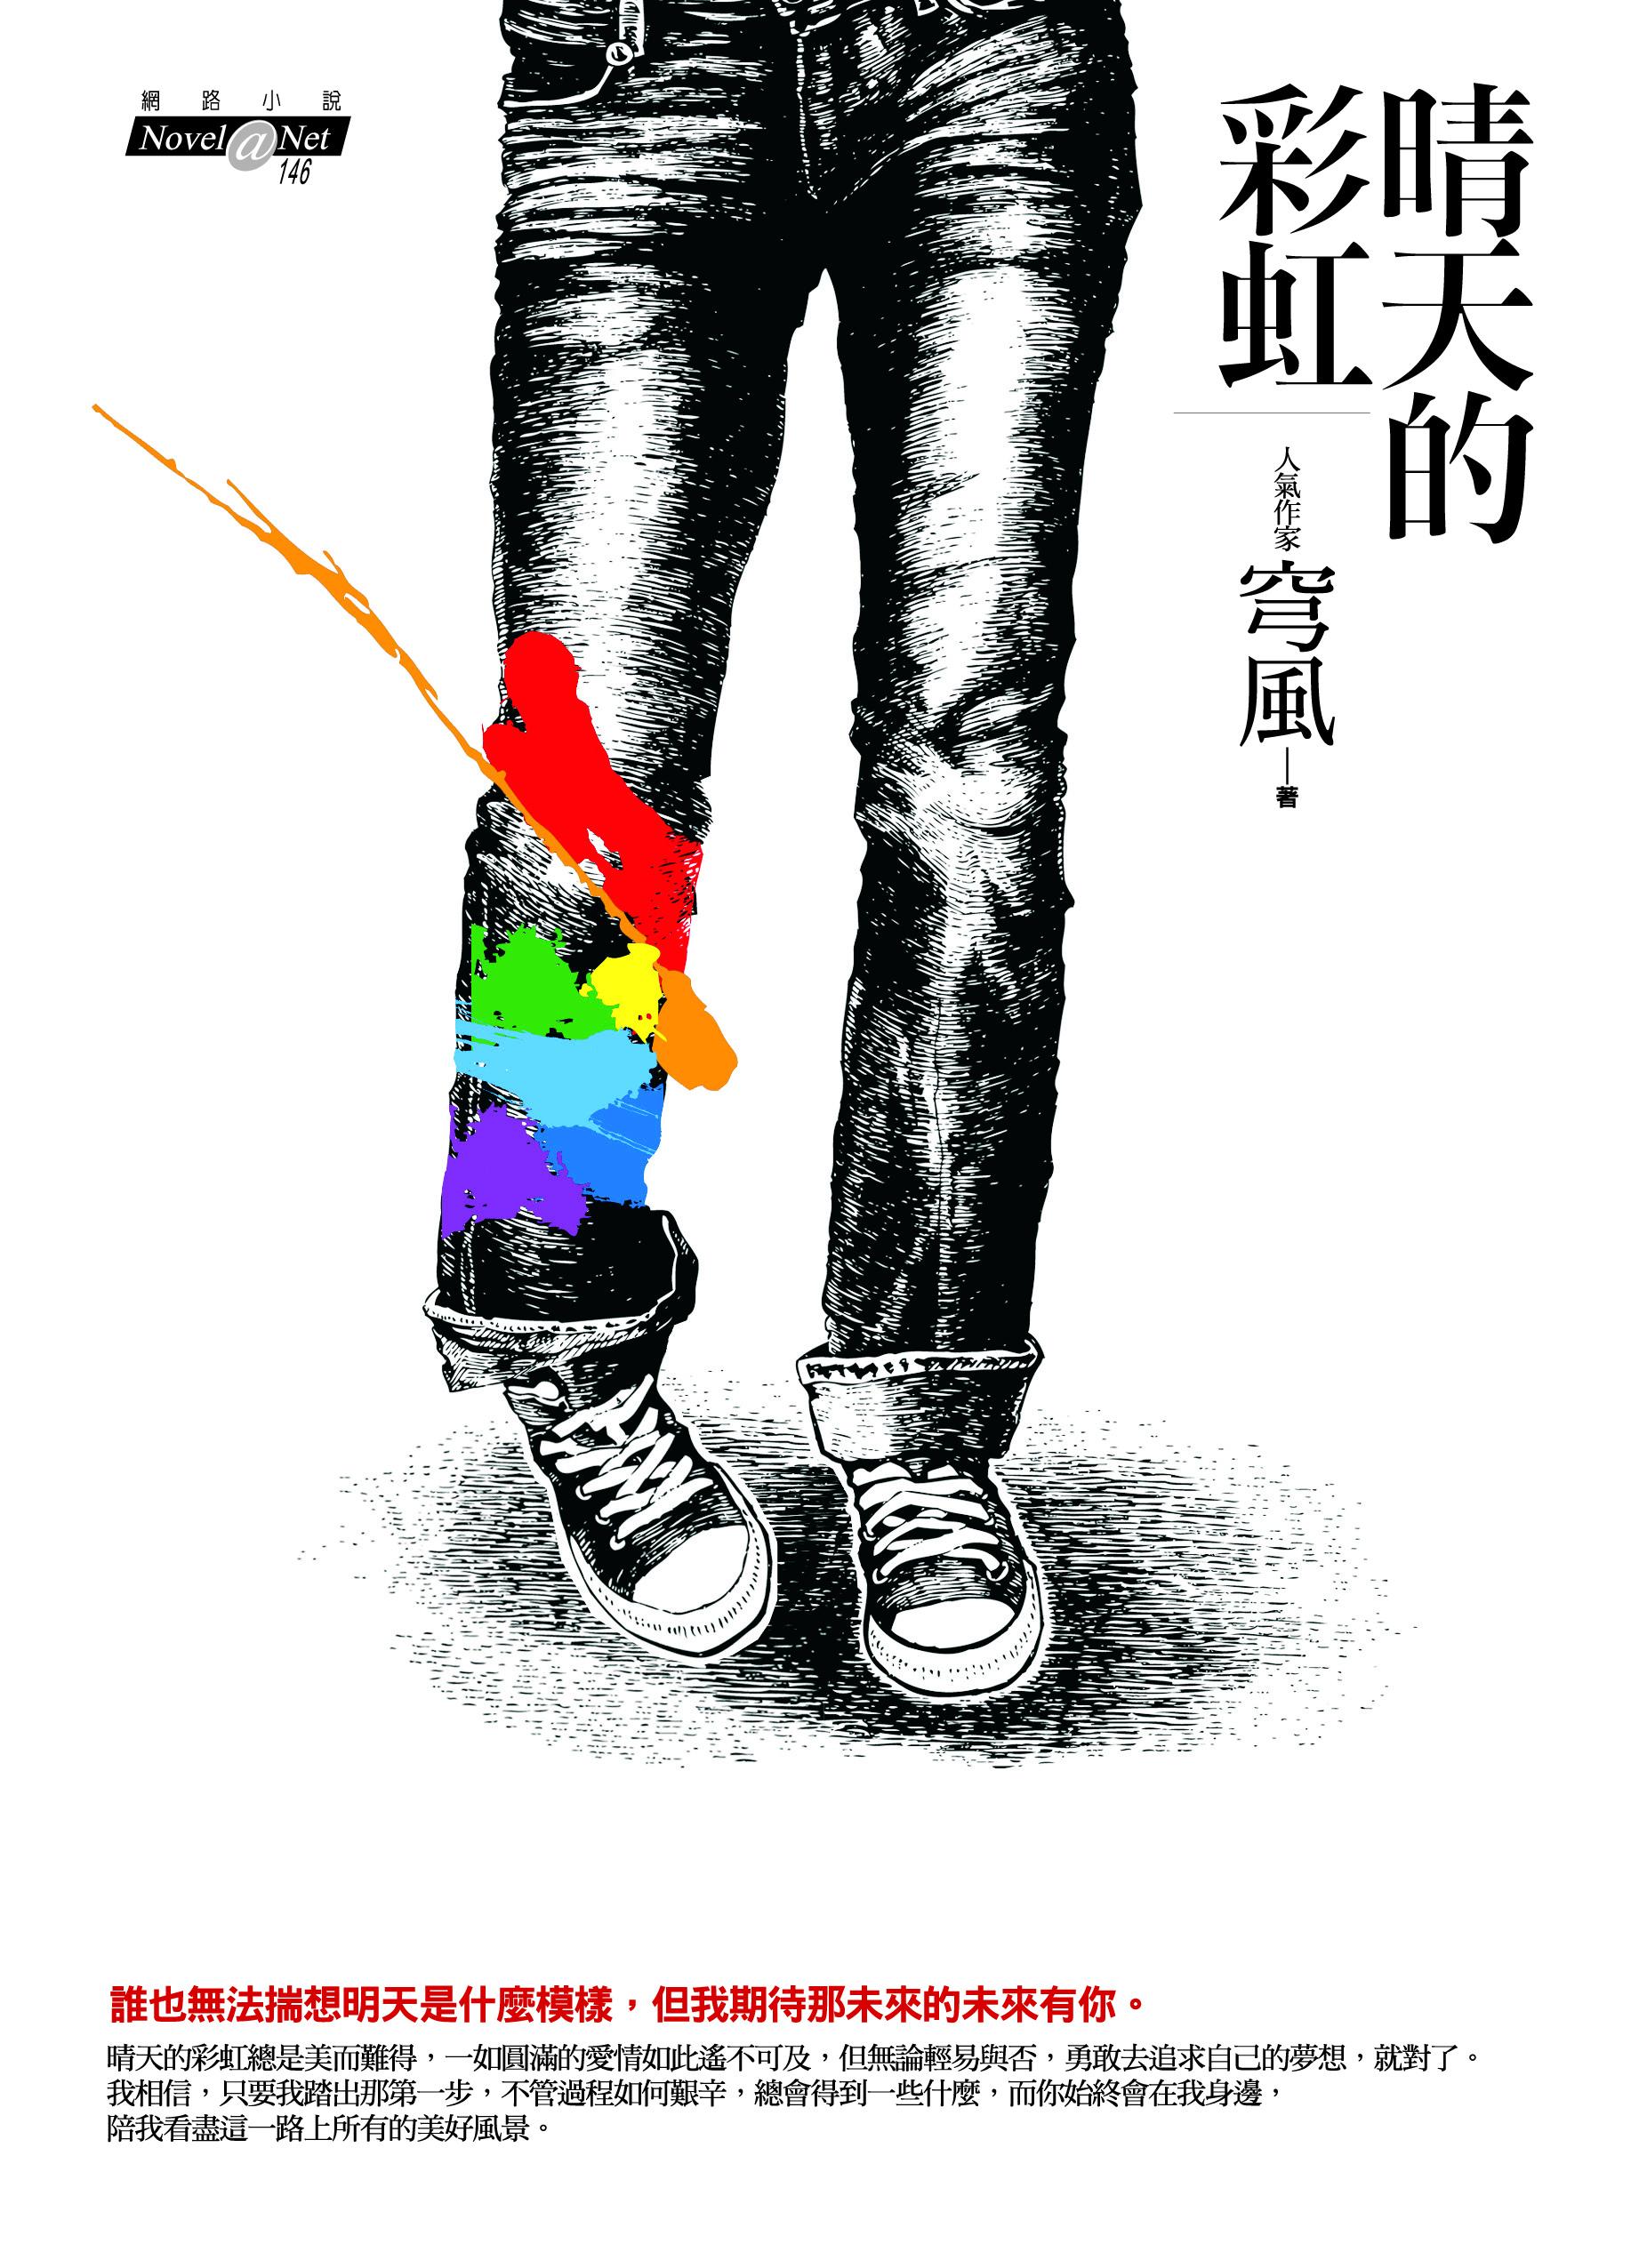 晴天的彩虹